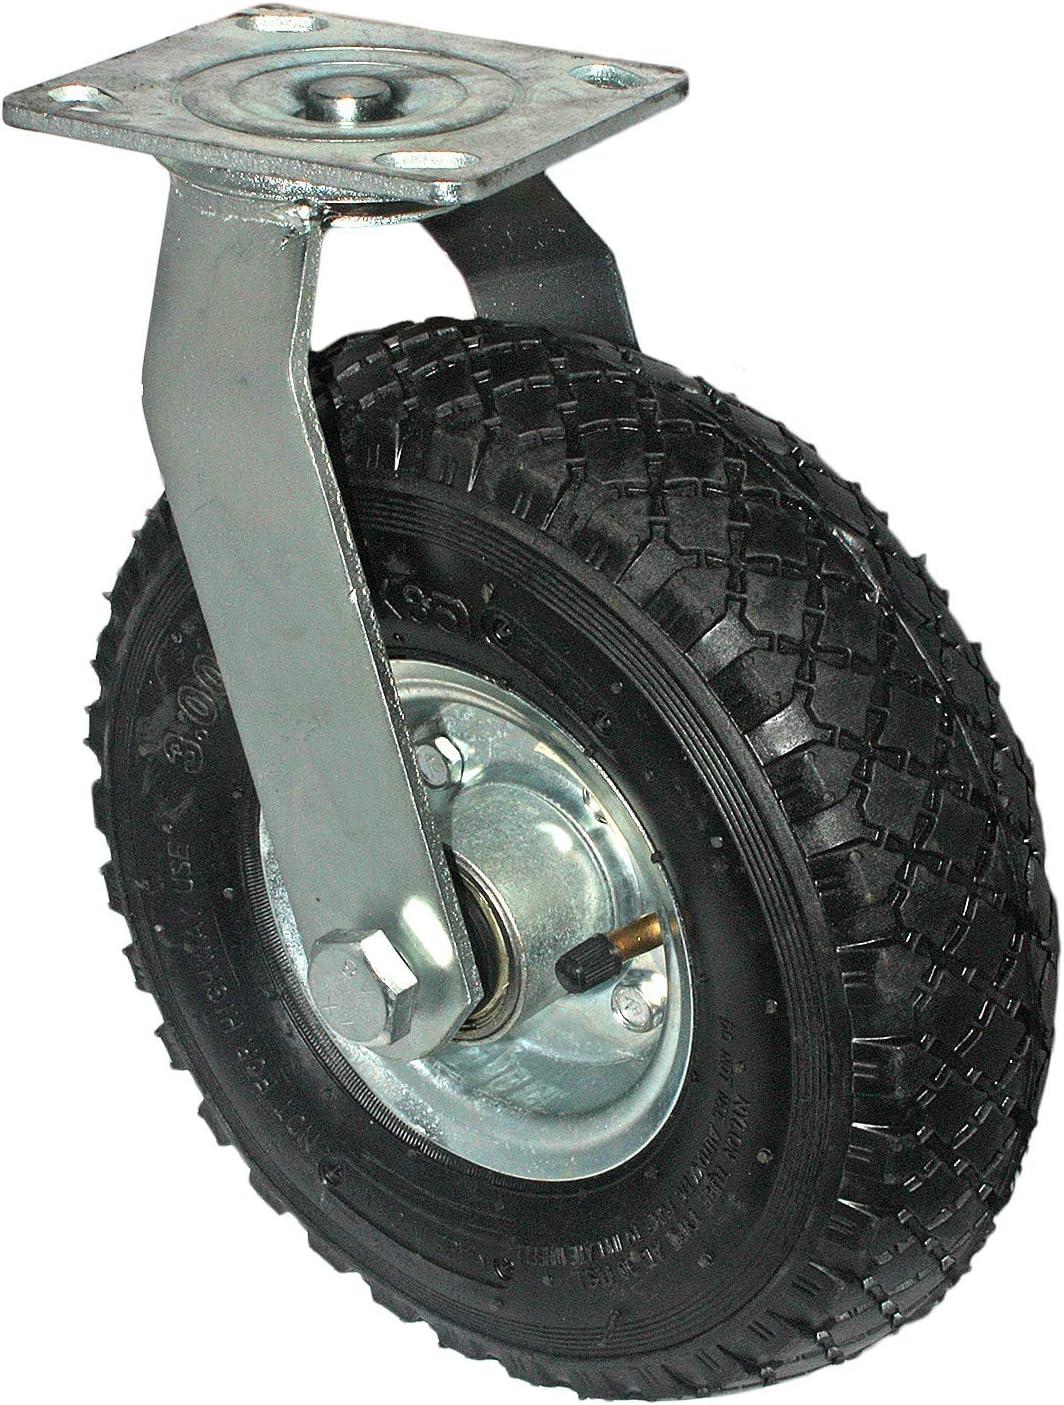 2x Lenkrollen 2x Bockrollen 260mm x 85mm 3.00-4 Rad   Luftbereifung Reifen